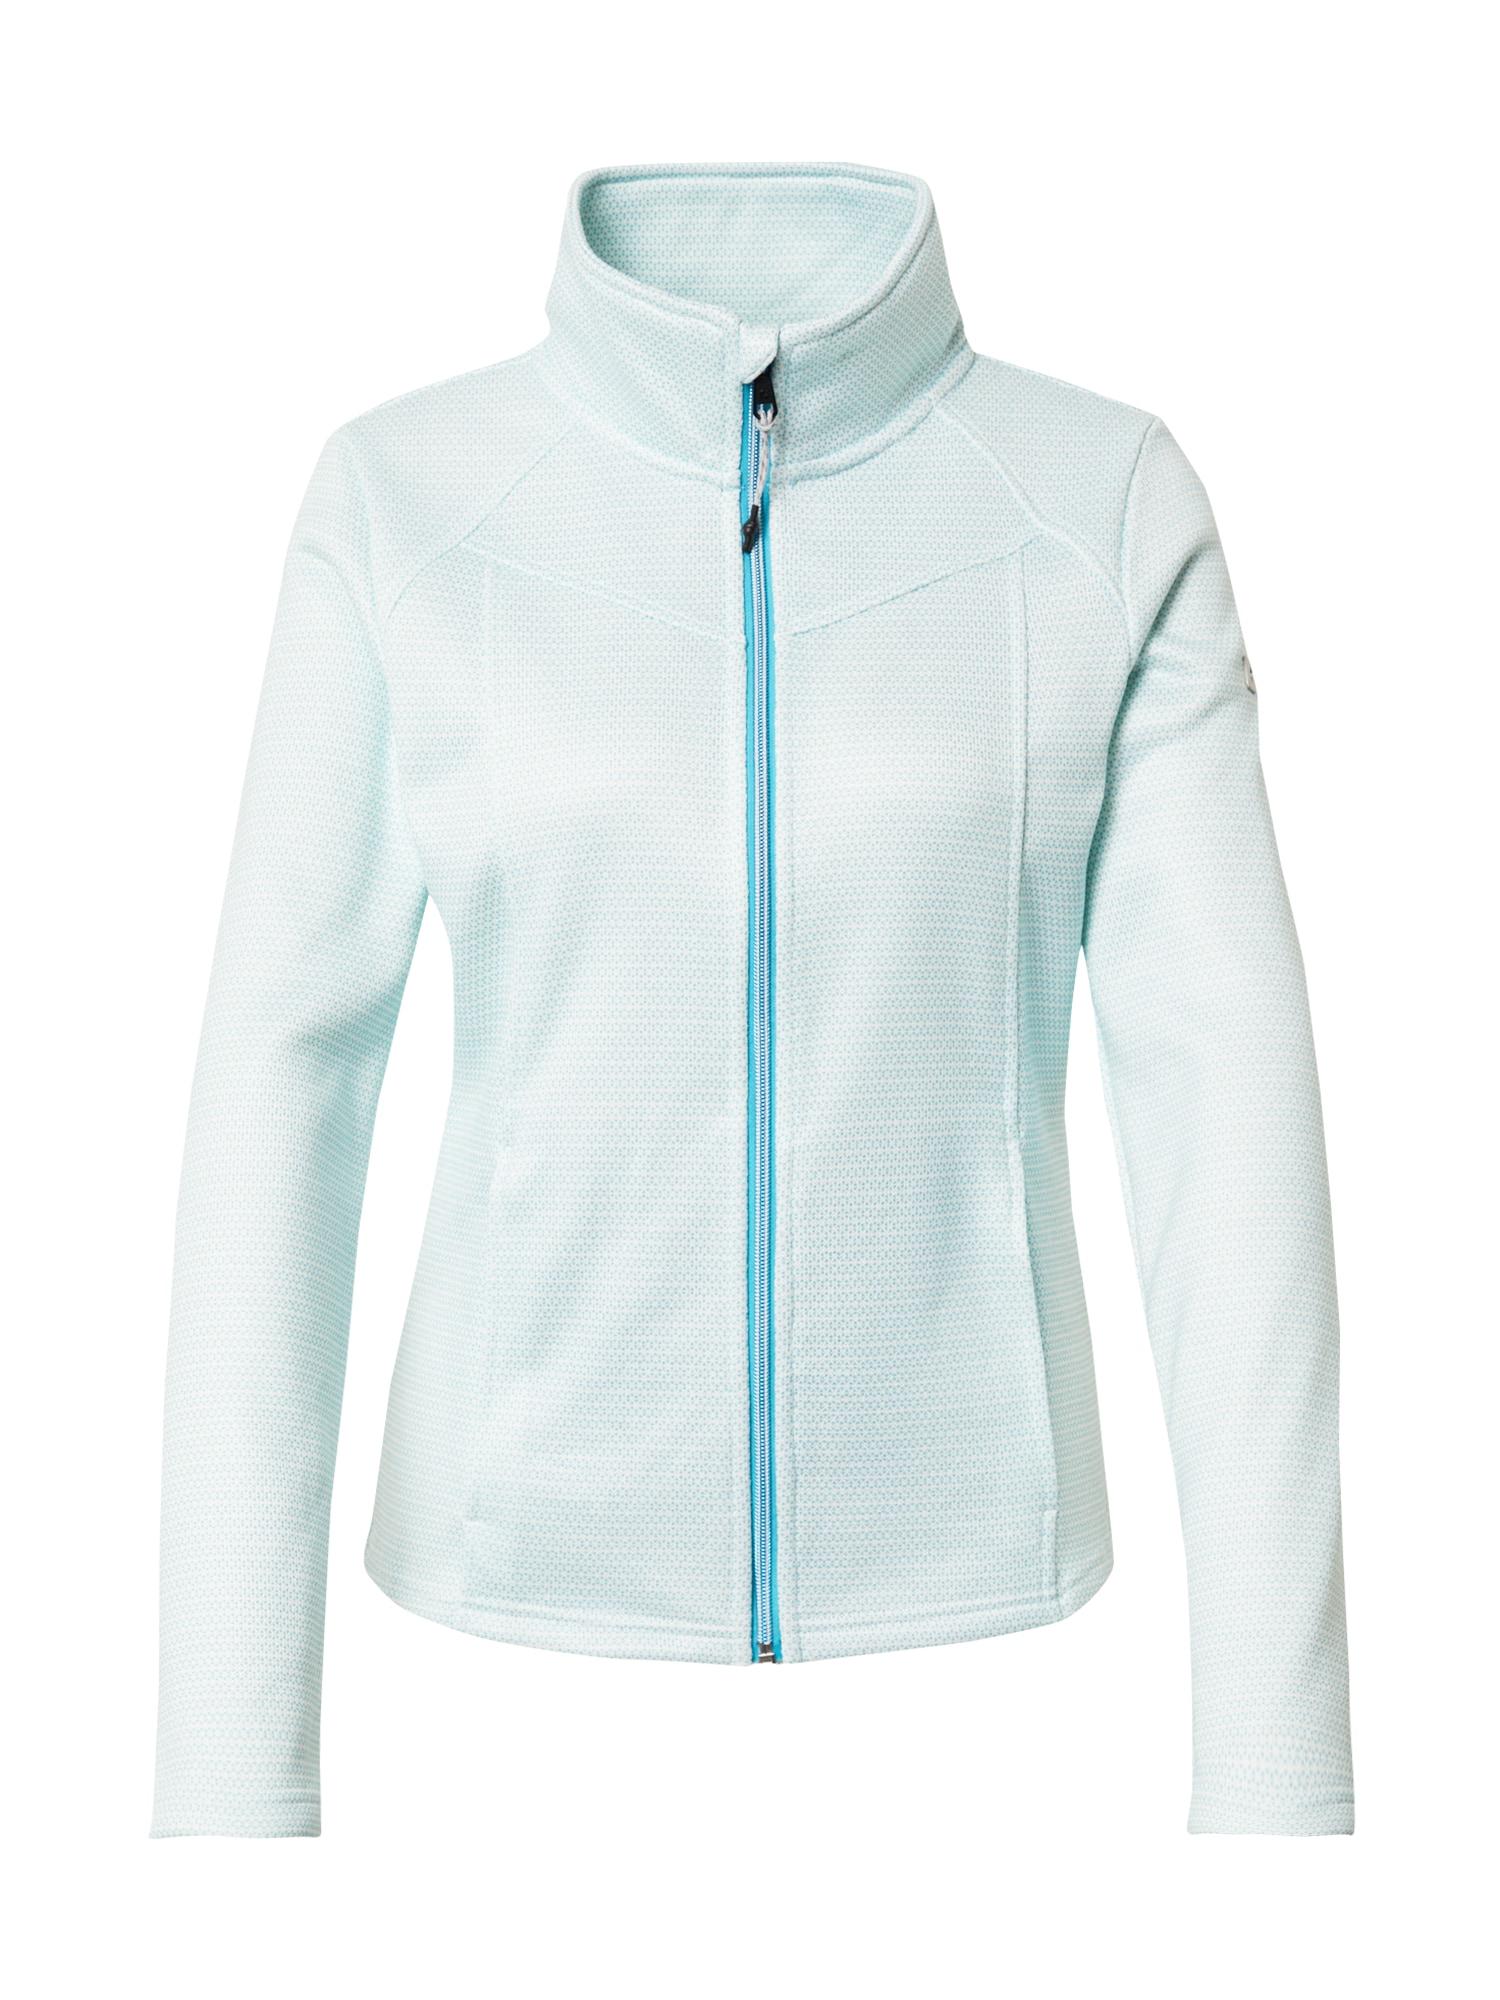 KILLTEC Funkcinis flisinis džemperis balta / šviesiai mėlyna